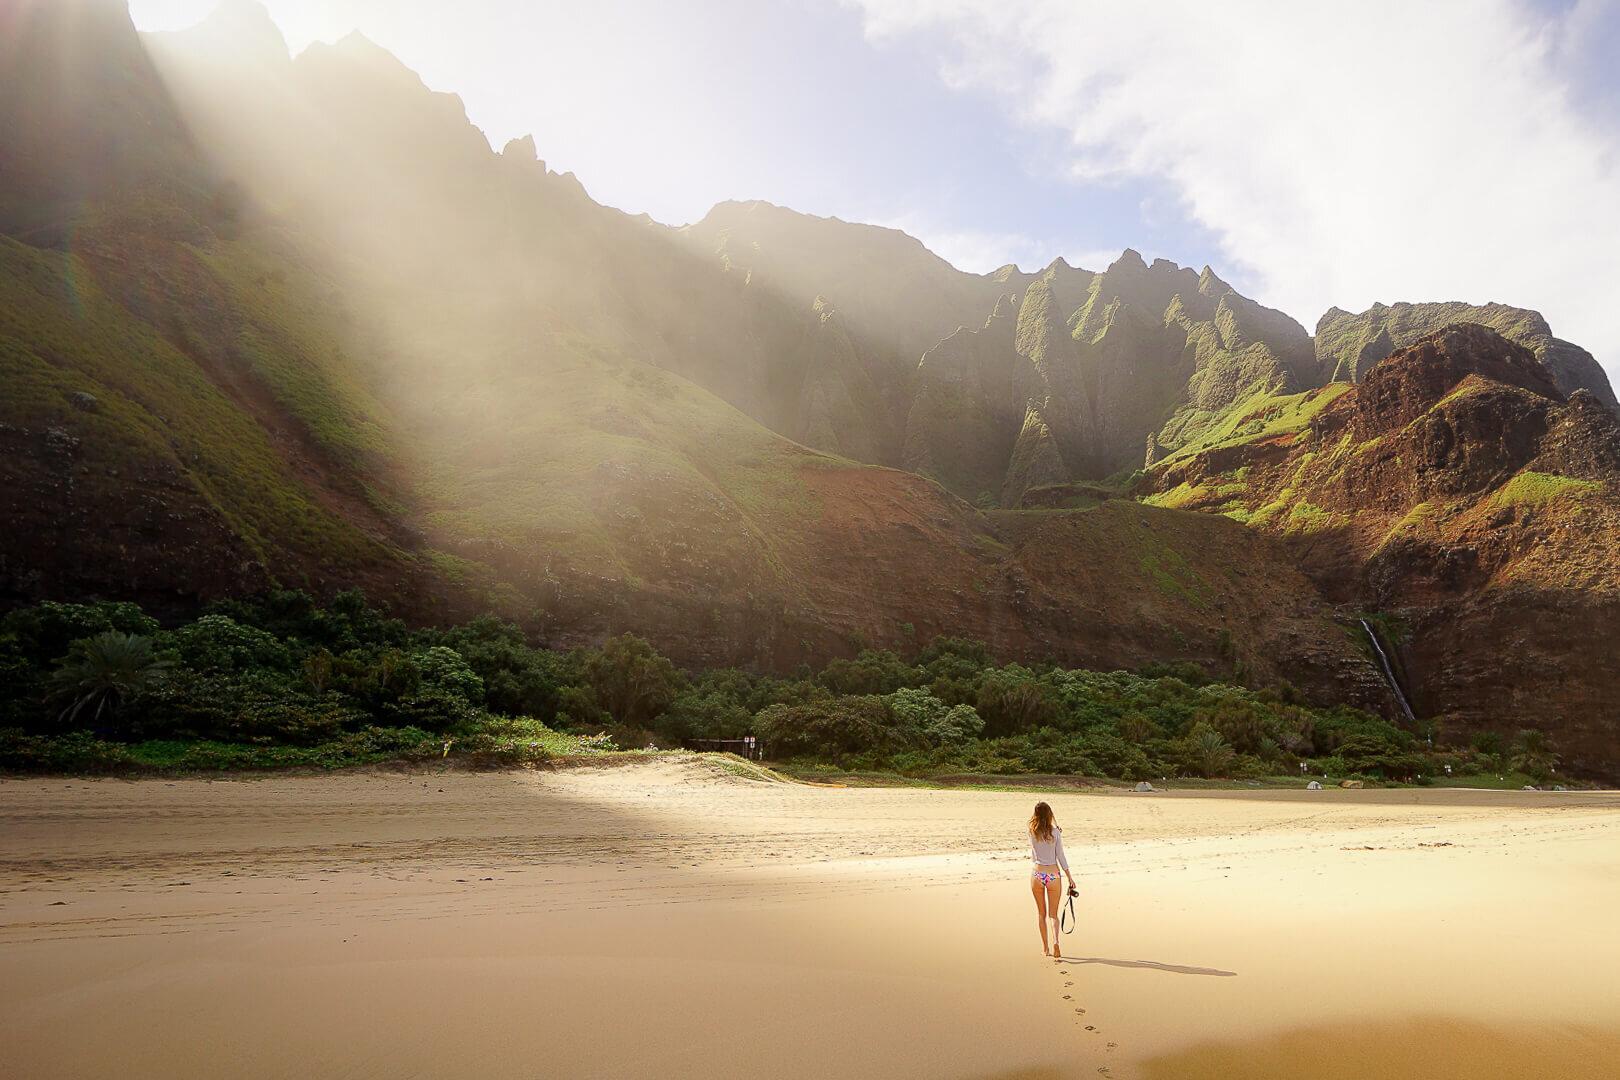 Walking on Kalalau Beach on Kauai's Nā Pali Coast.